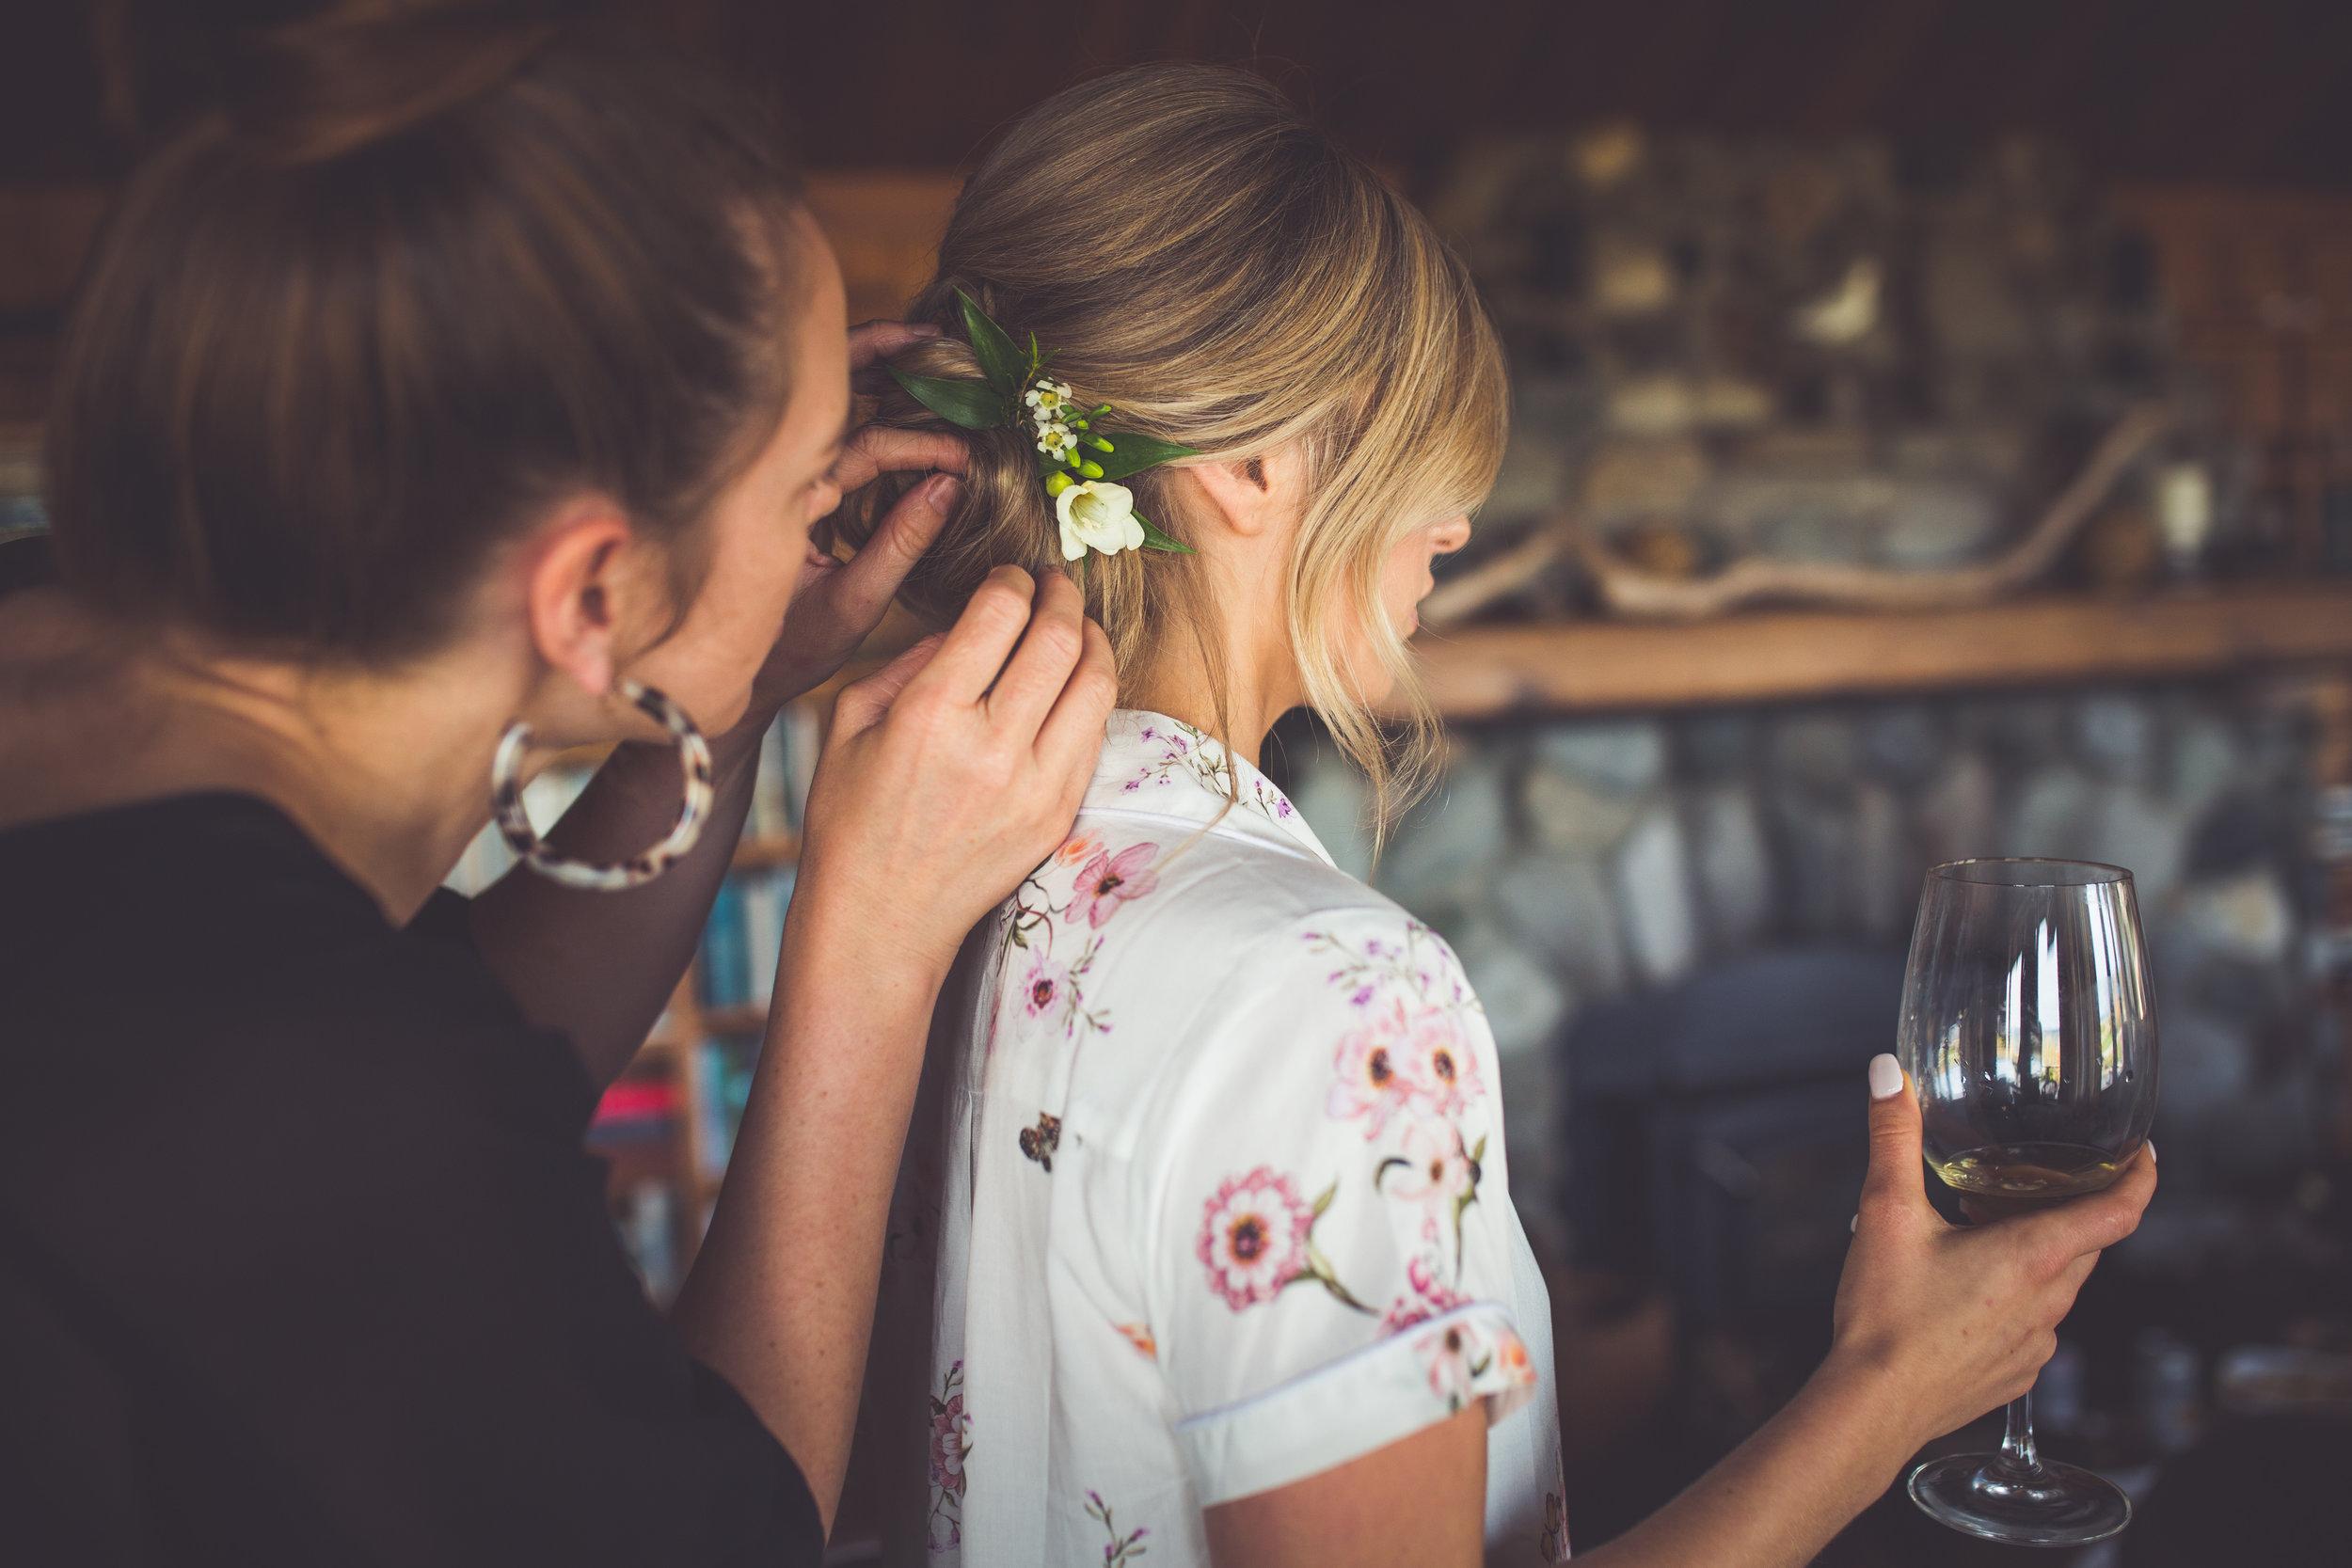 Hairpins salon at Qualicum Beach wedding